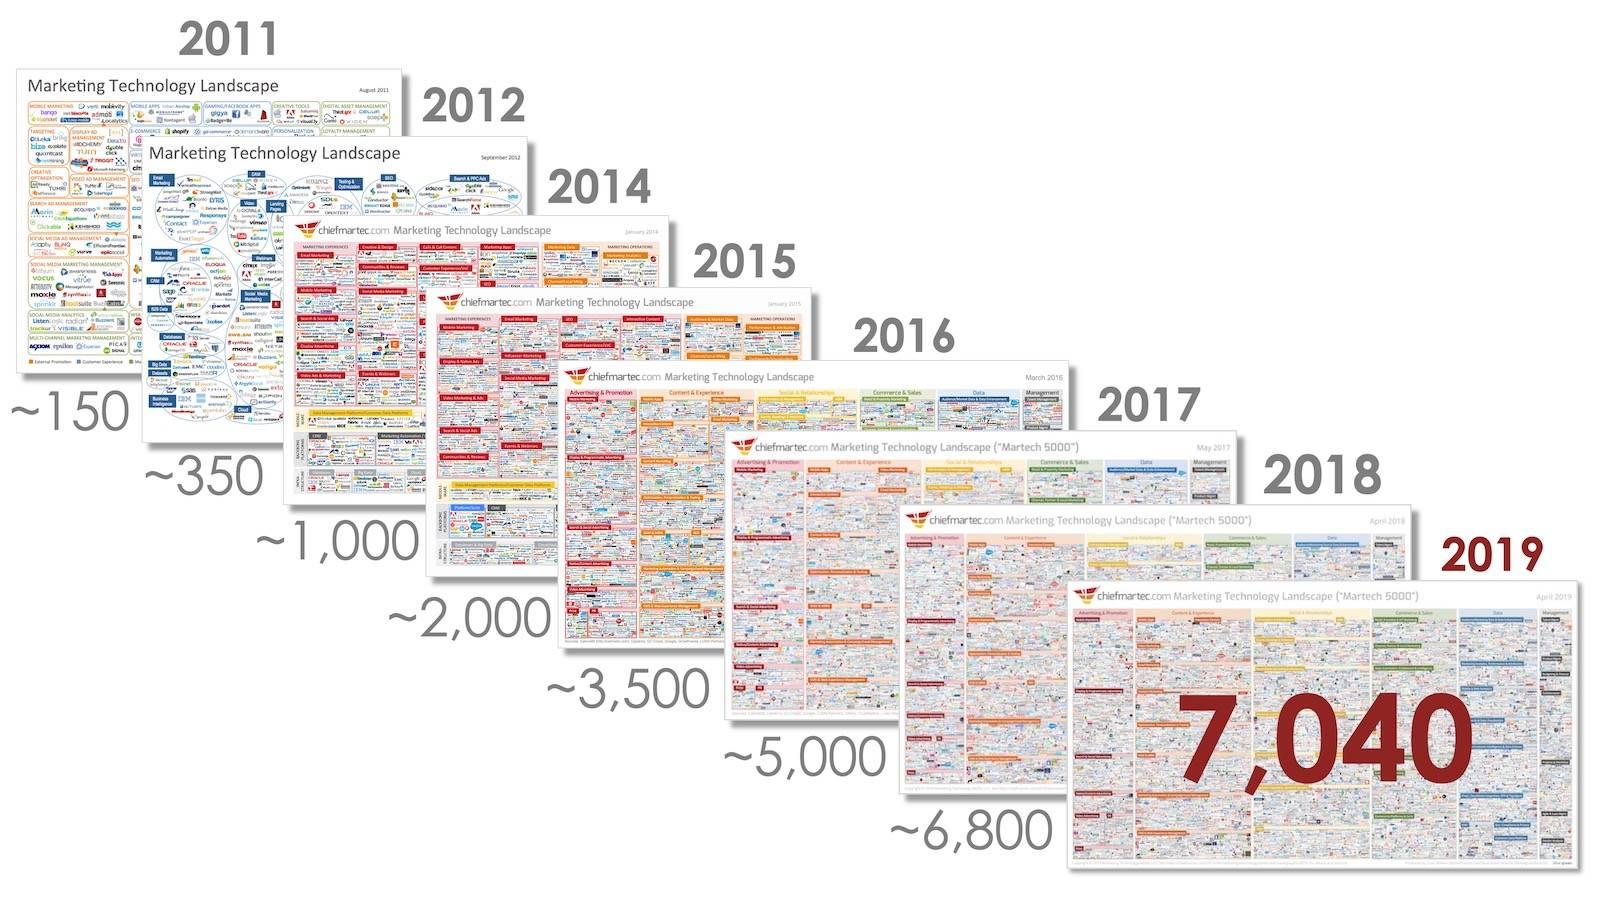 Der Anstieg bei der Anzahl der Marketingtechnologielösungen von etwa 150 im Jahr 2011 auf über 7.000 im Jahr 2019